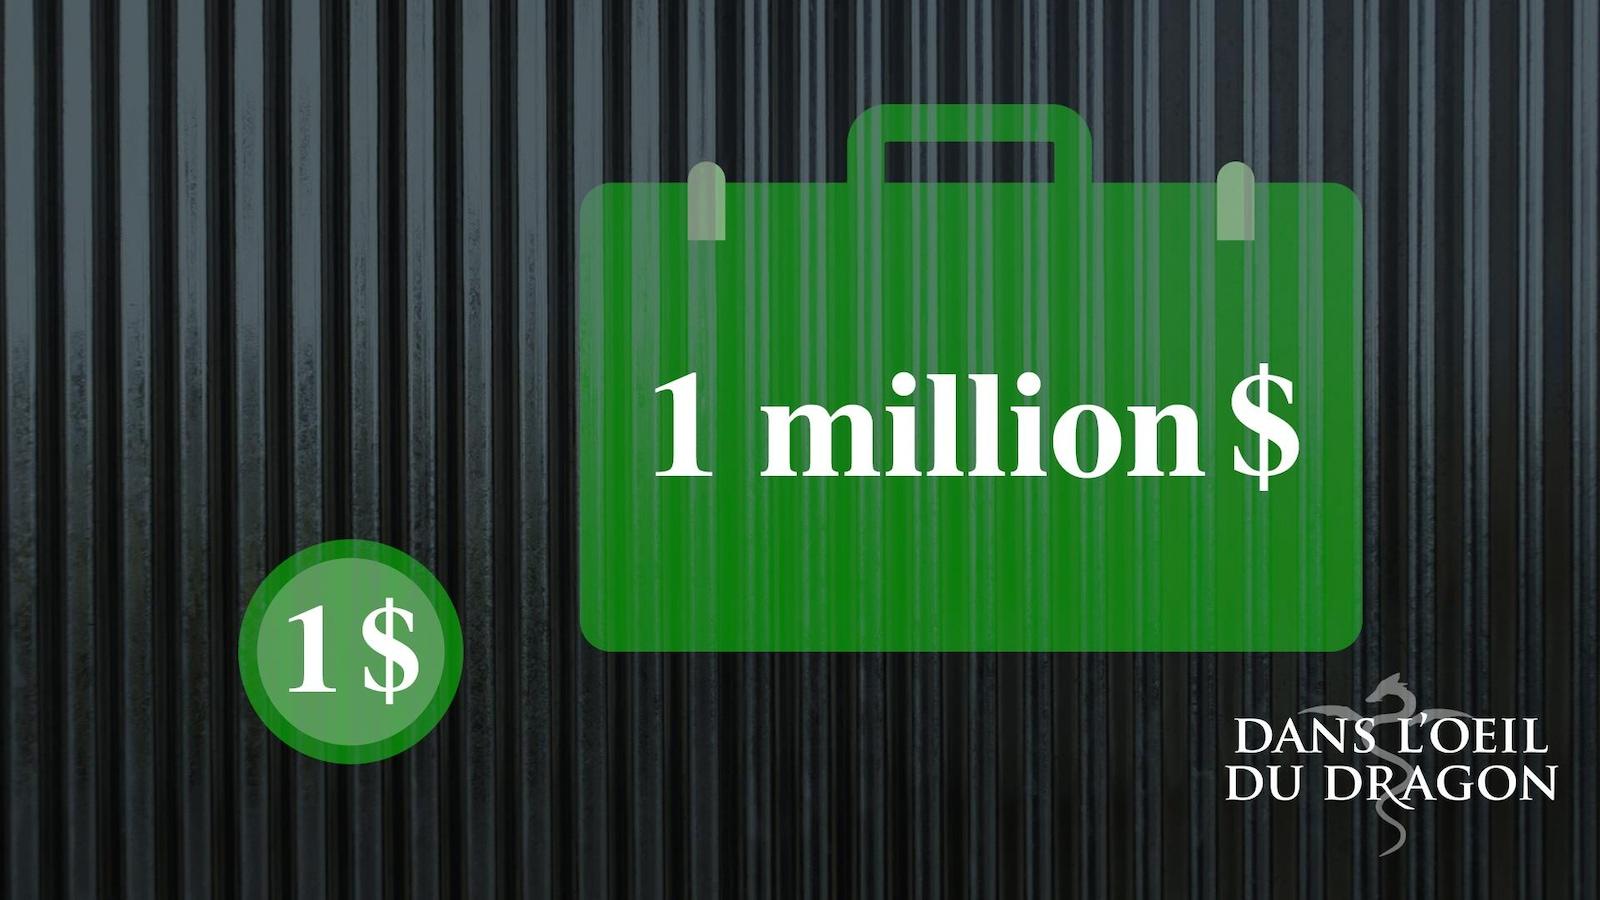 Graphique illustrant une pièce de 1 dollars et une valise de 1 million.